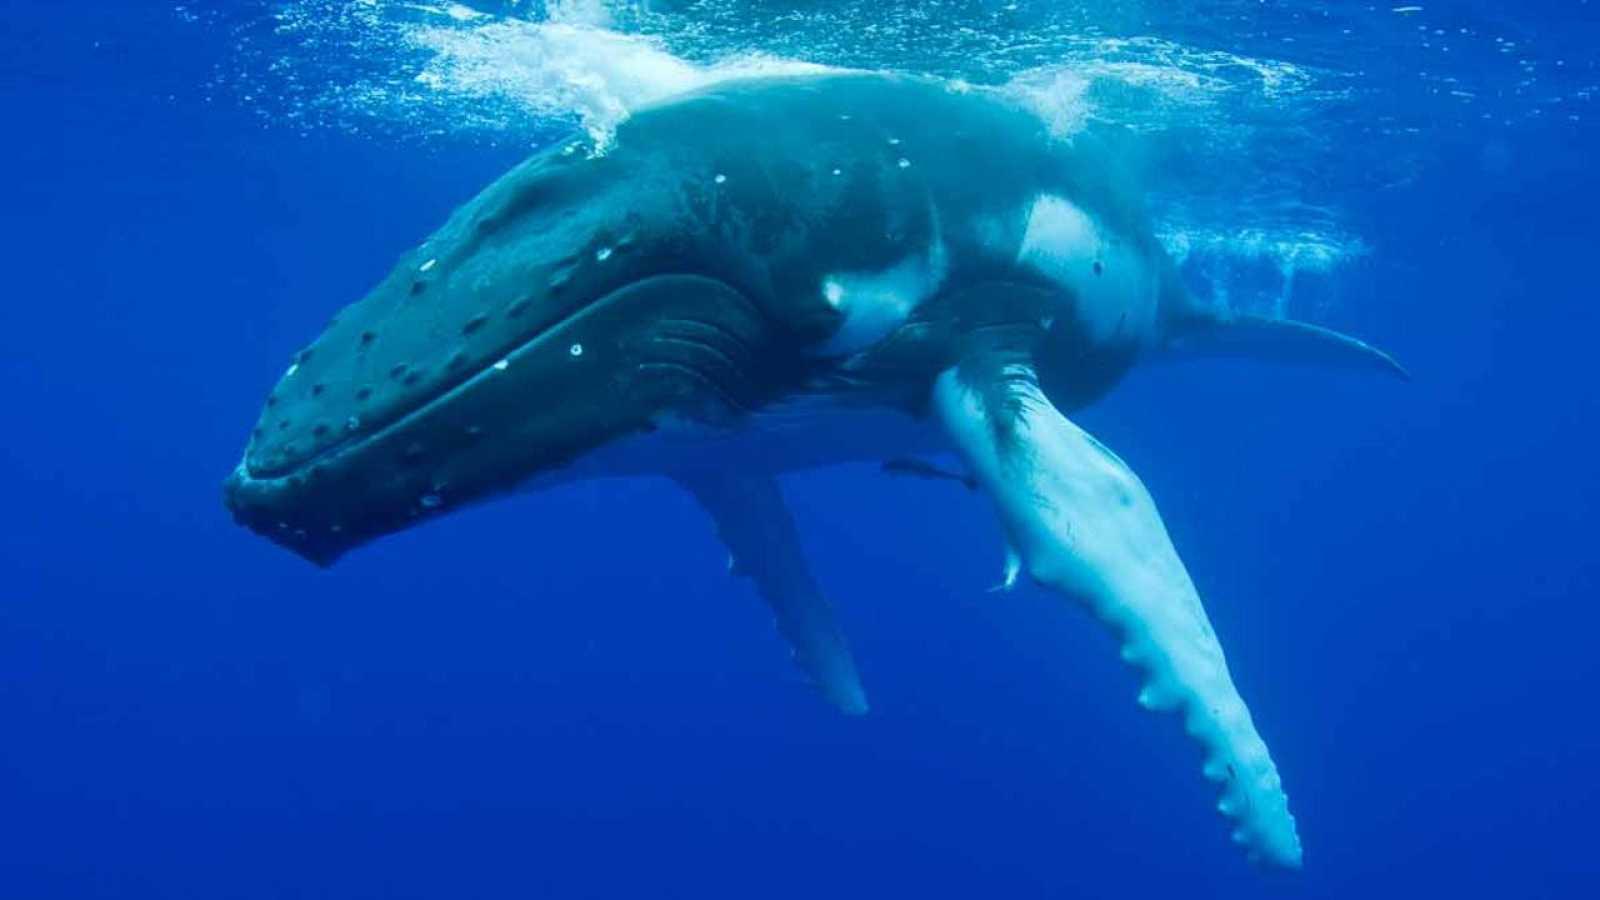 Imagen de una ballena jorobada, o yubarta.